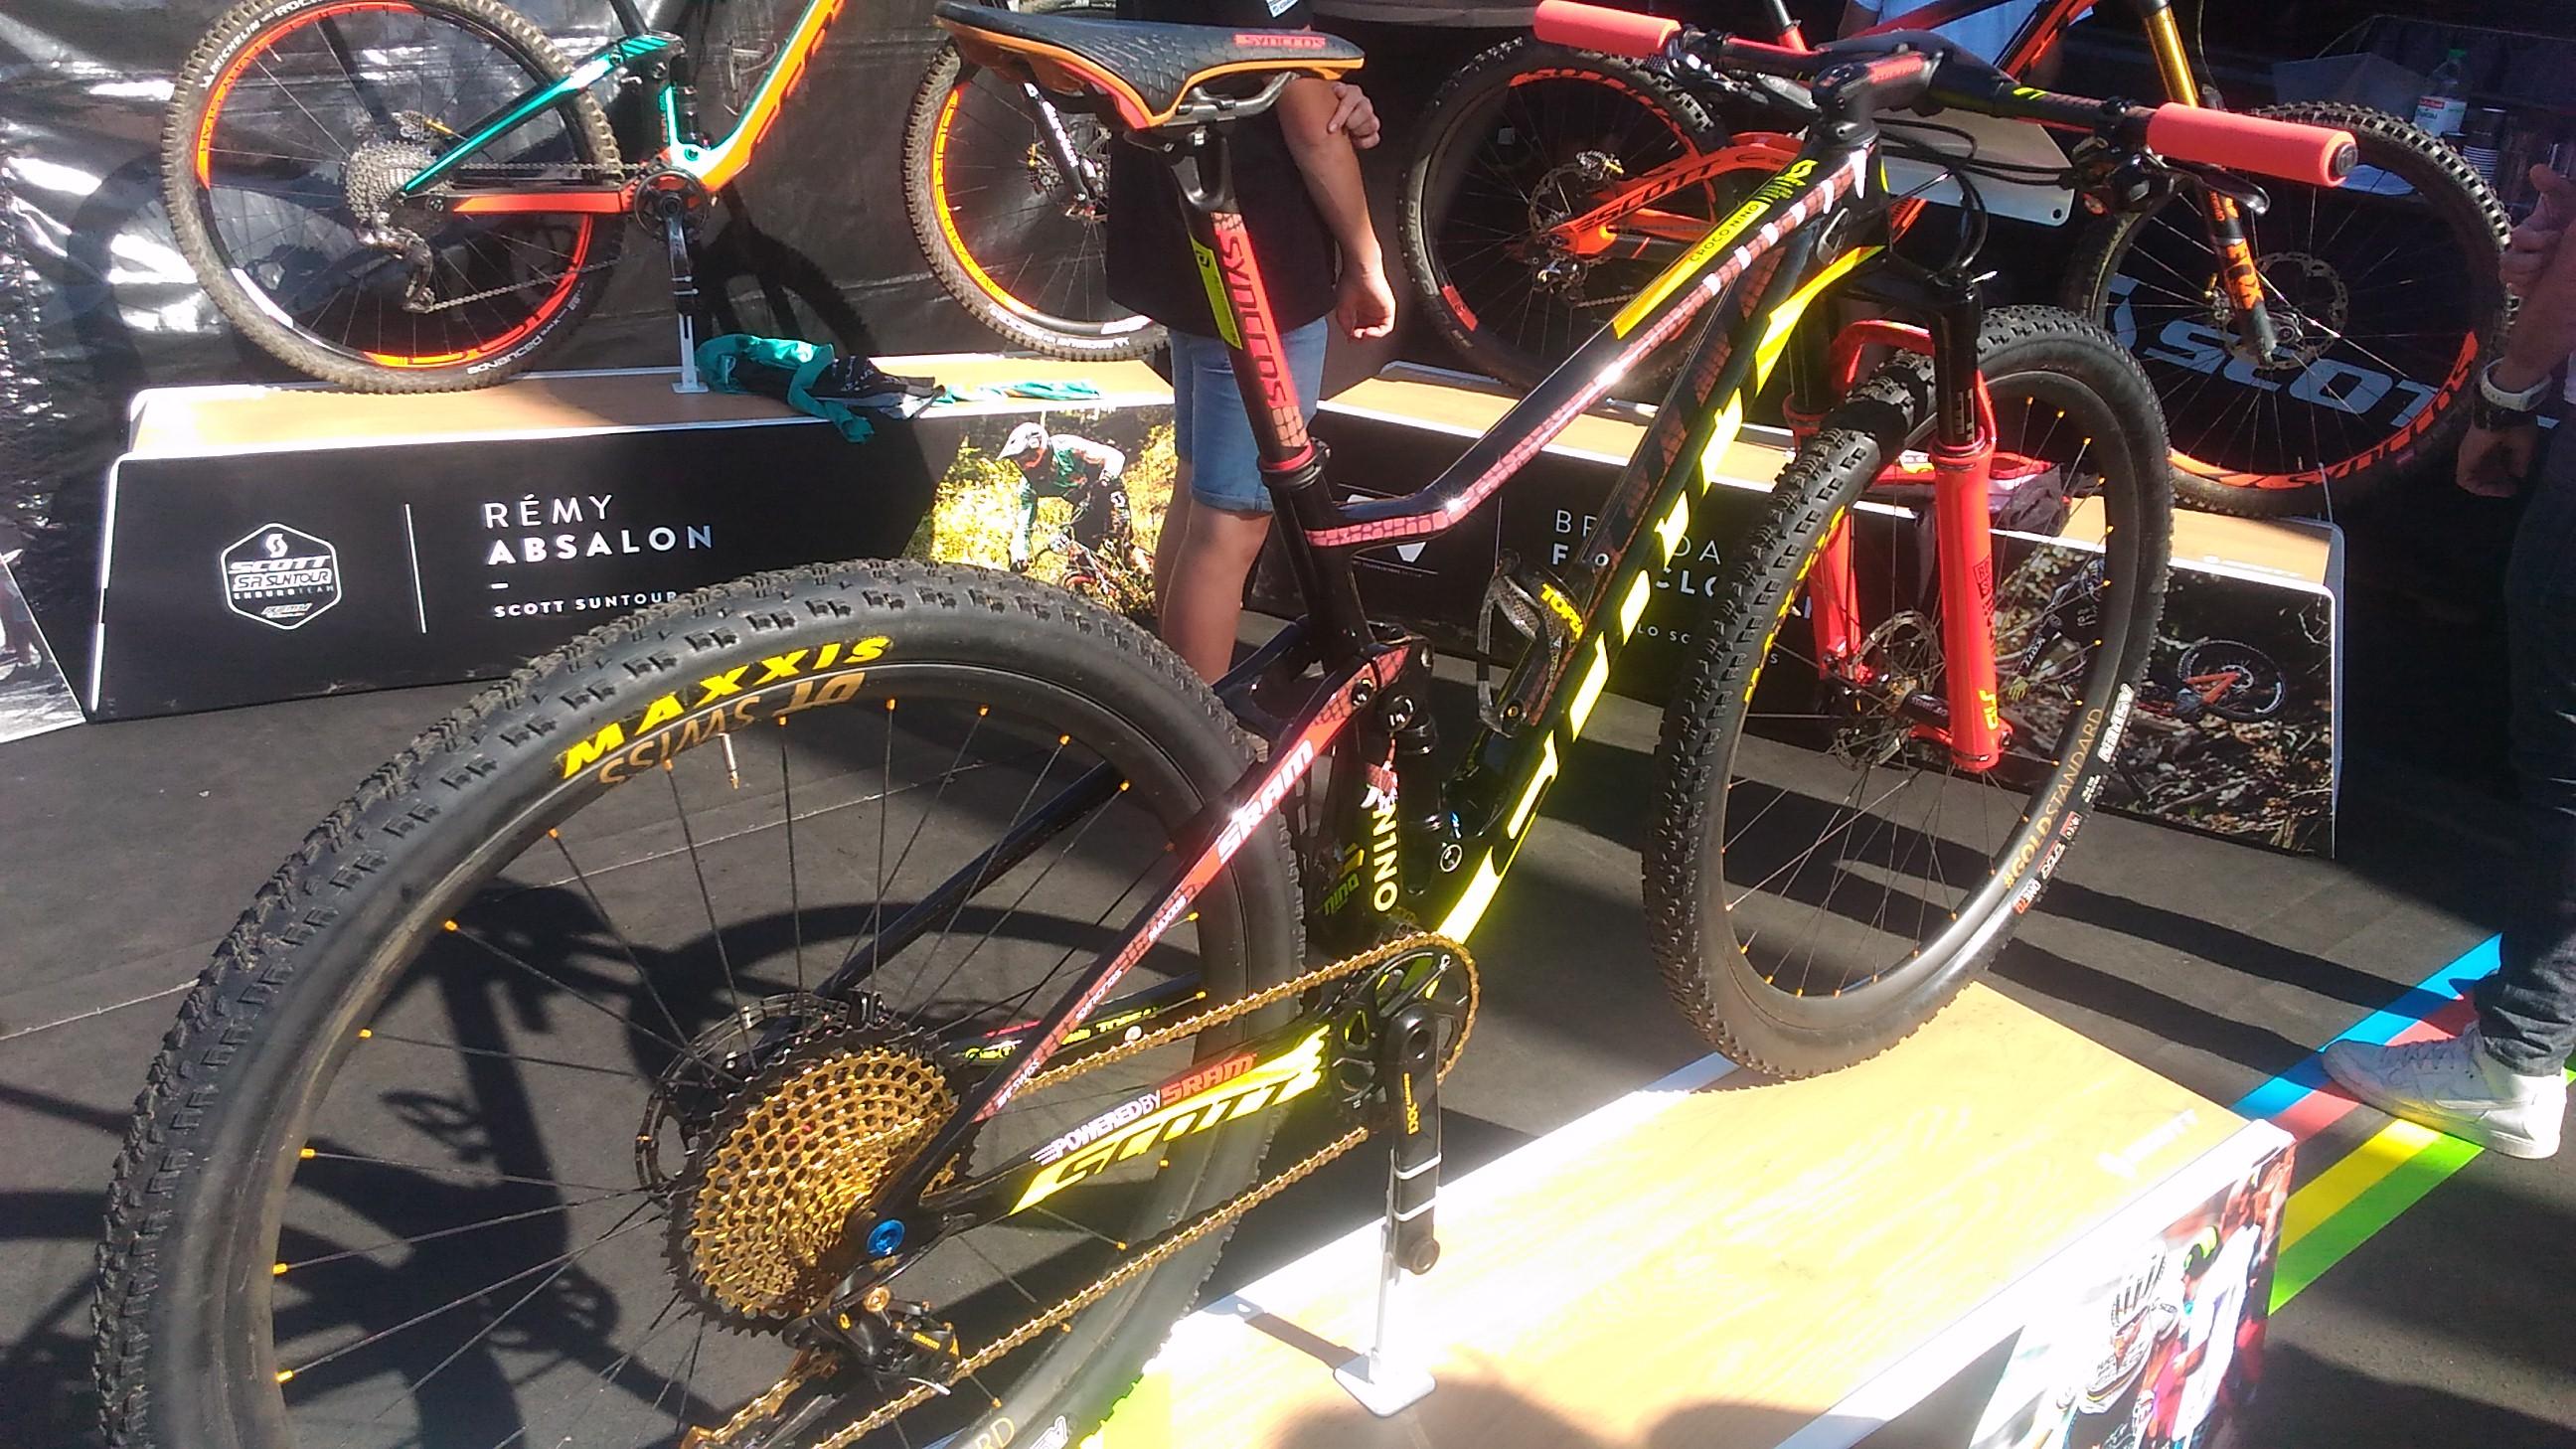 Le VTT de Nino champion Olympique et du monde, la machine!